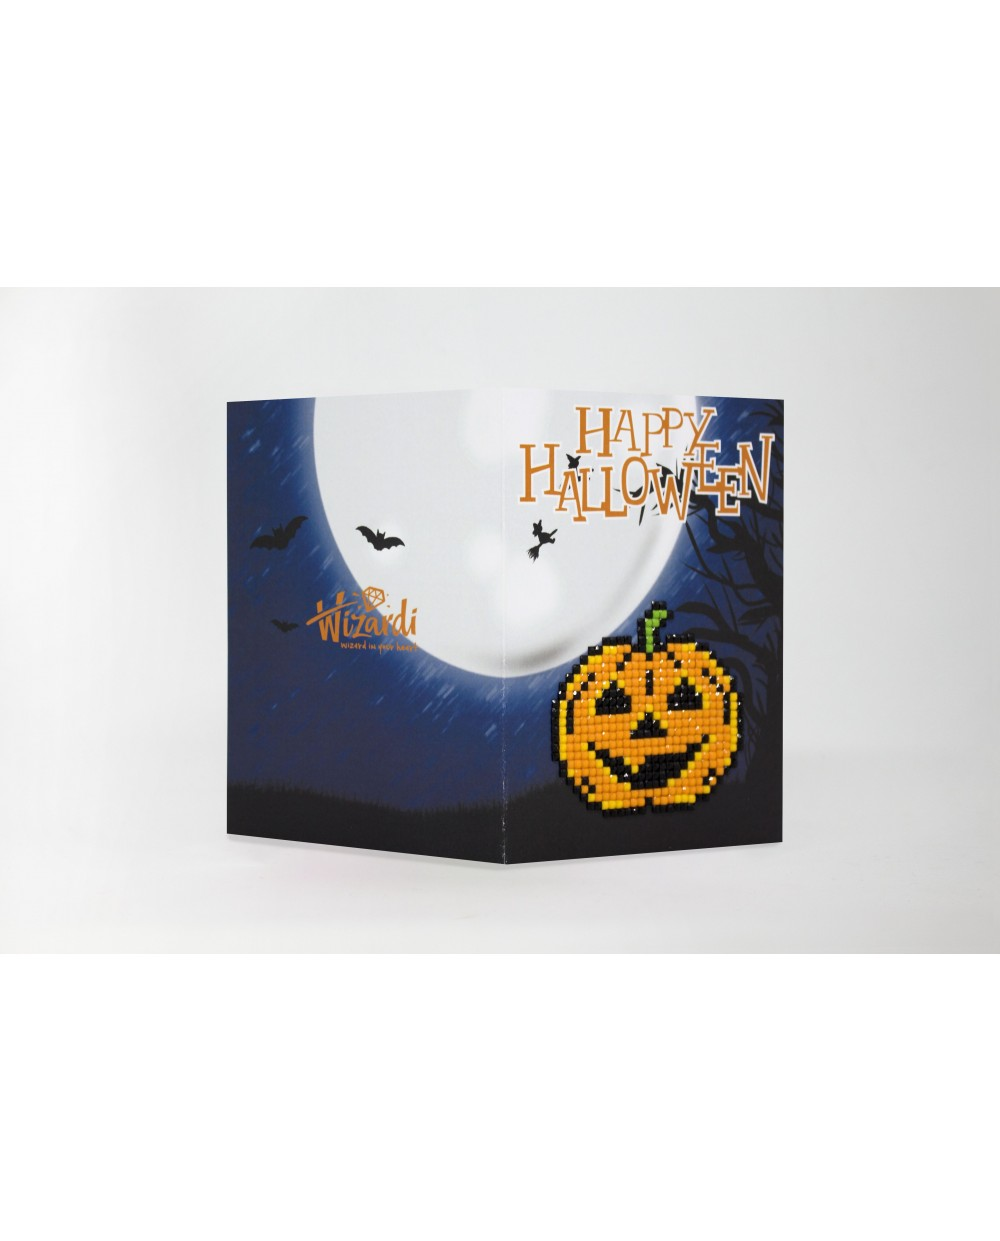 Foto Di Halloween.Happy Halloween Wc0344 Wizardiart